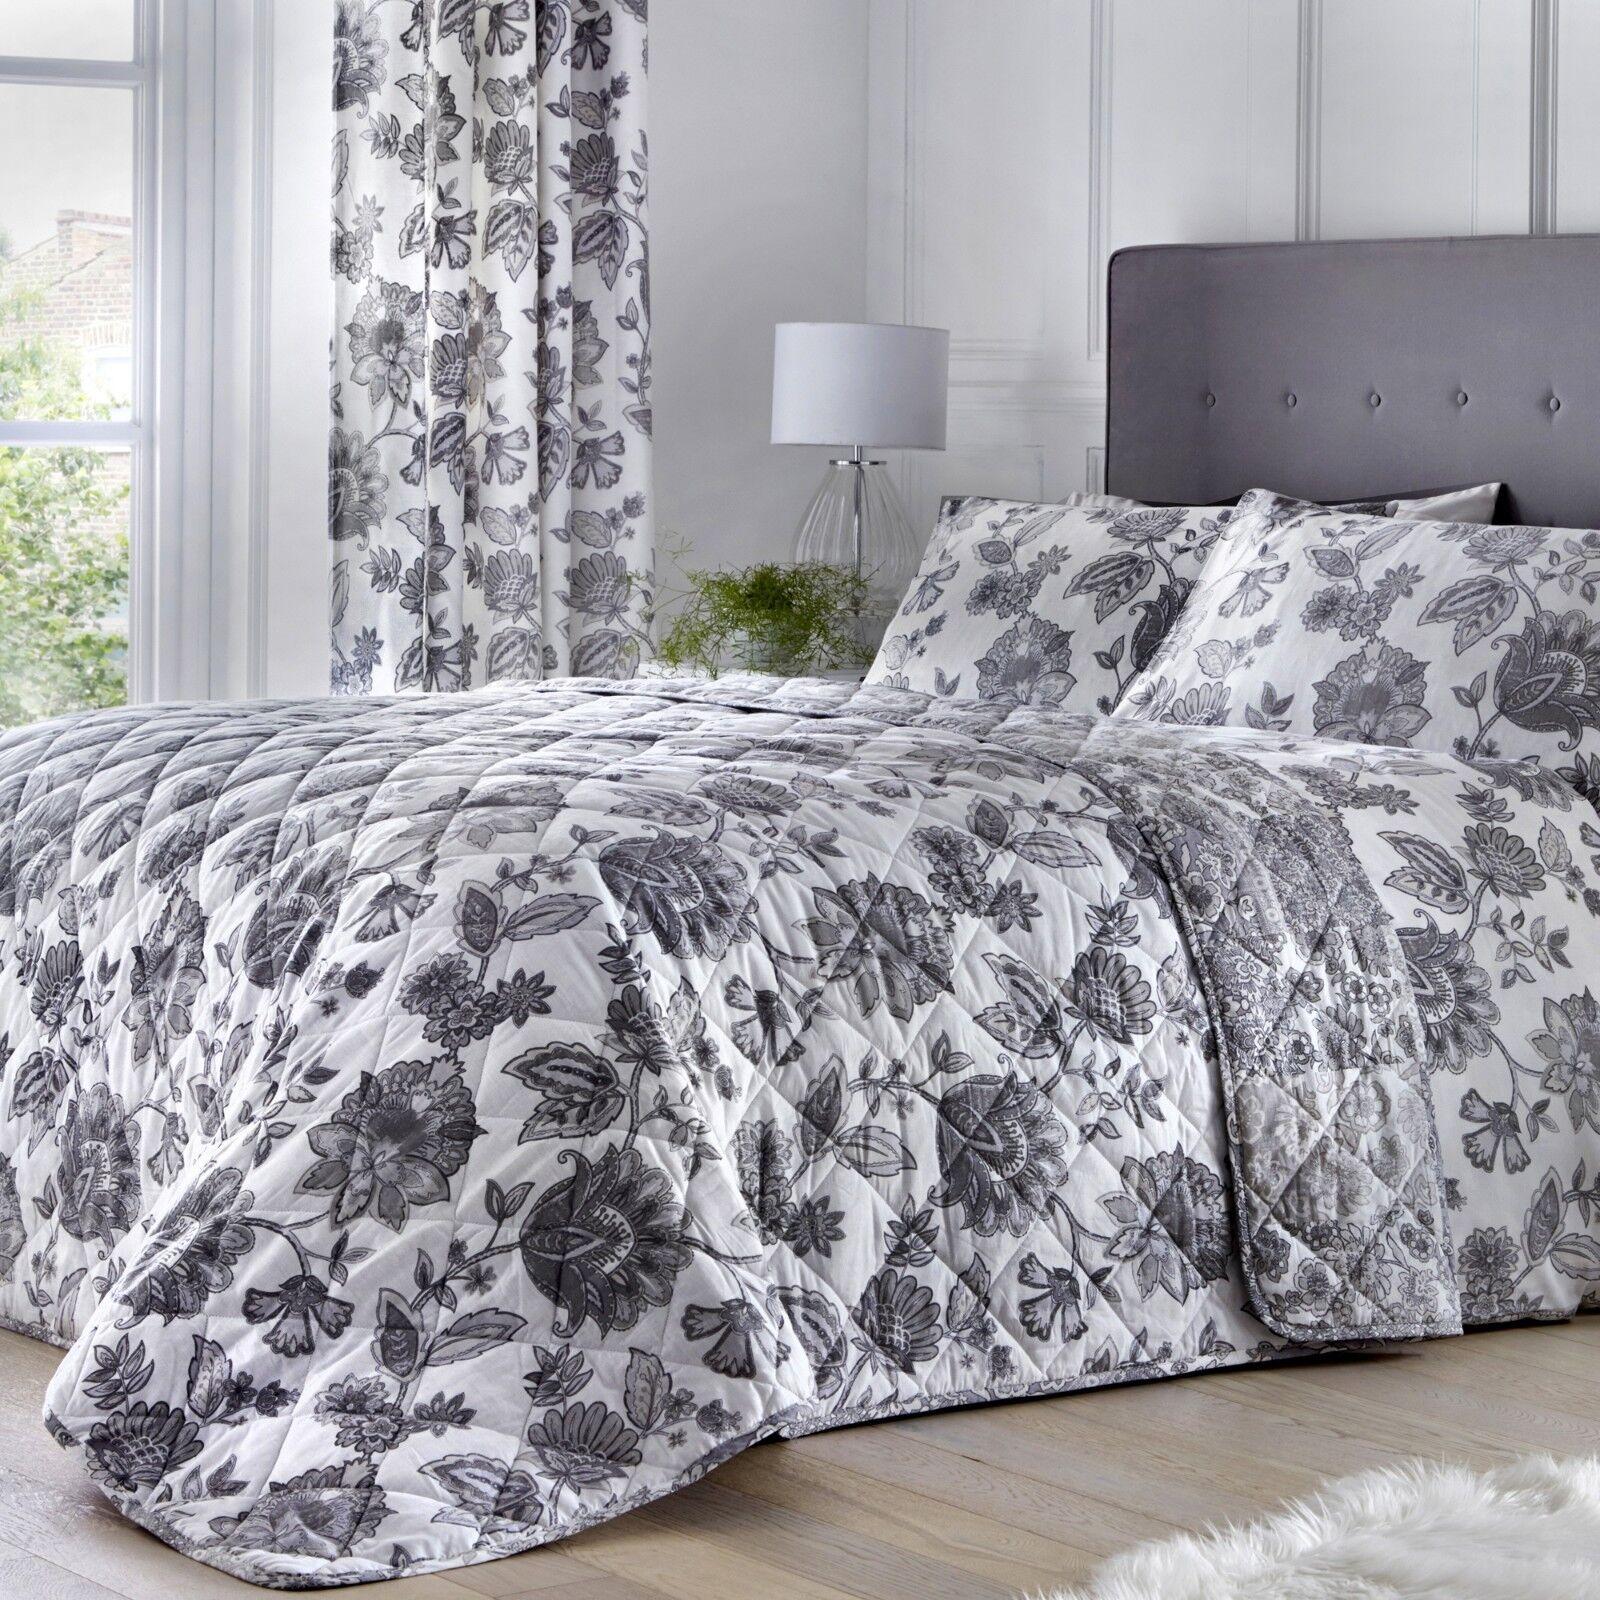 Dreams Care & TENDAGGI Marinelli Easy Care Dreams Piumone Trapunta gamma per camera da letto copertura Grigio 9acefb